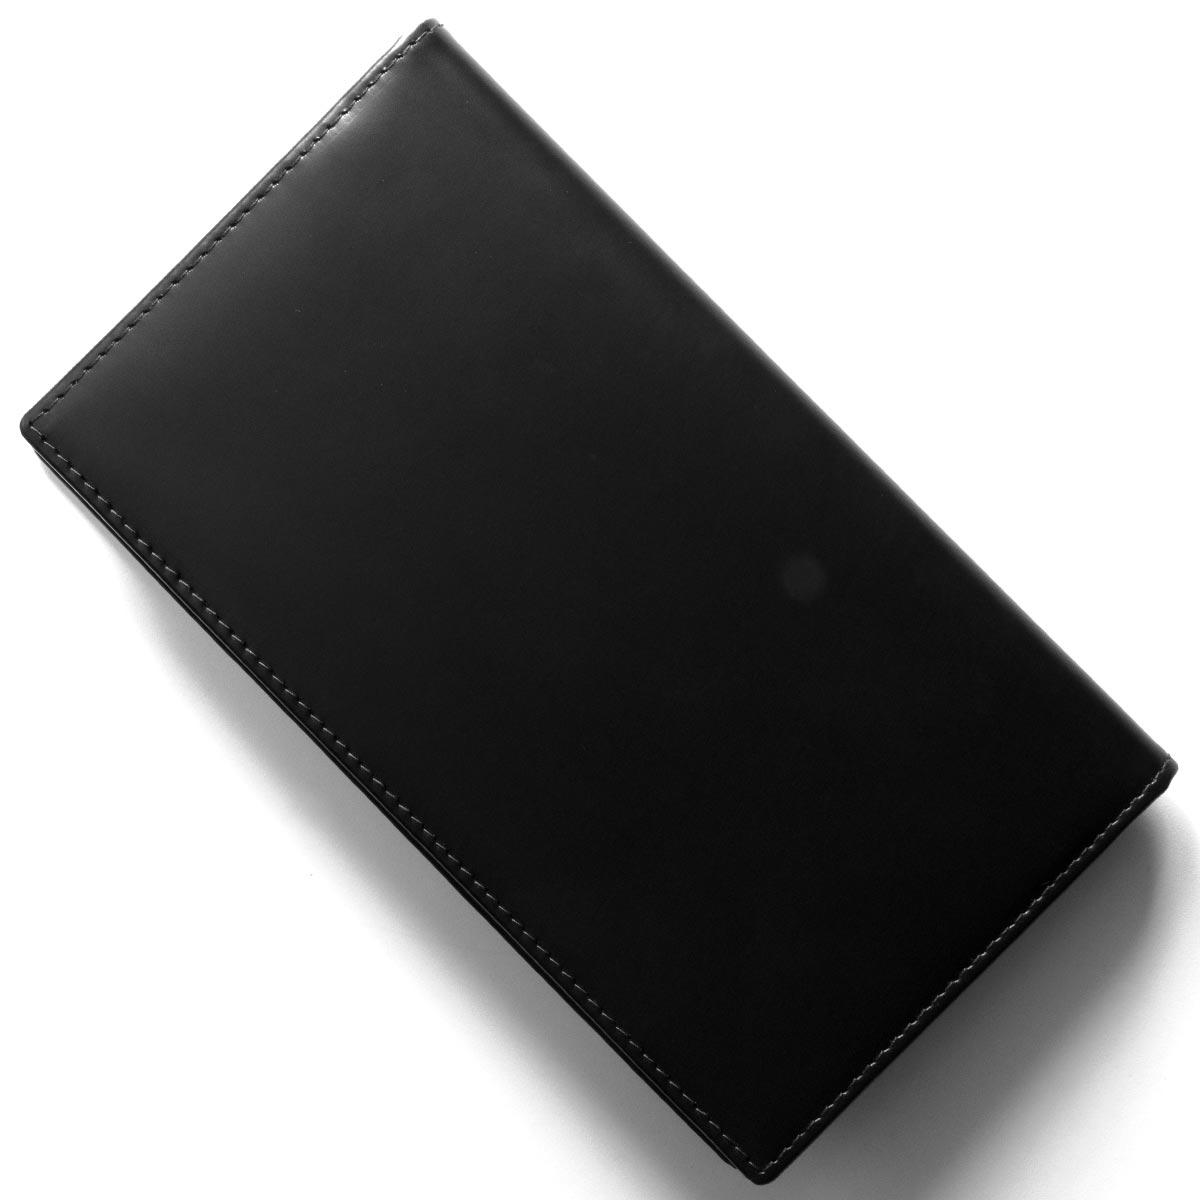 エッティンガー 長財布【札入れ】 財布 メンズ ブライドル ブラック&パネルハイドイエロー 806AJR BH BLACK ETTINGER